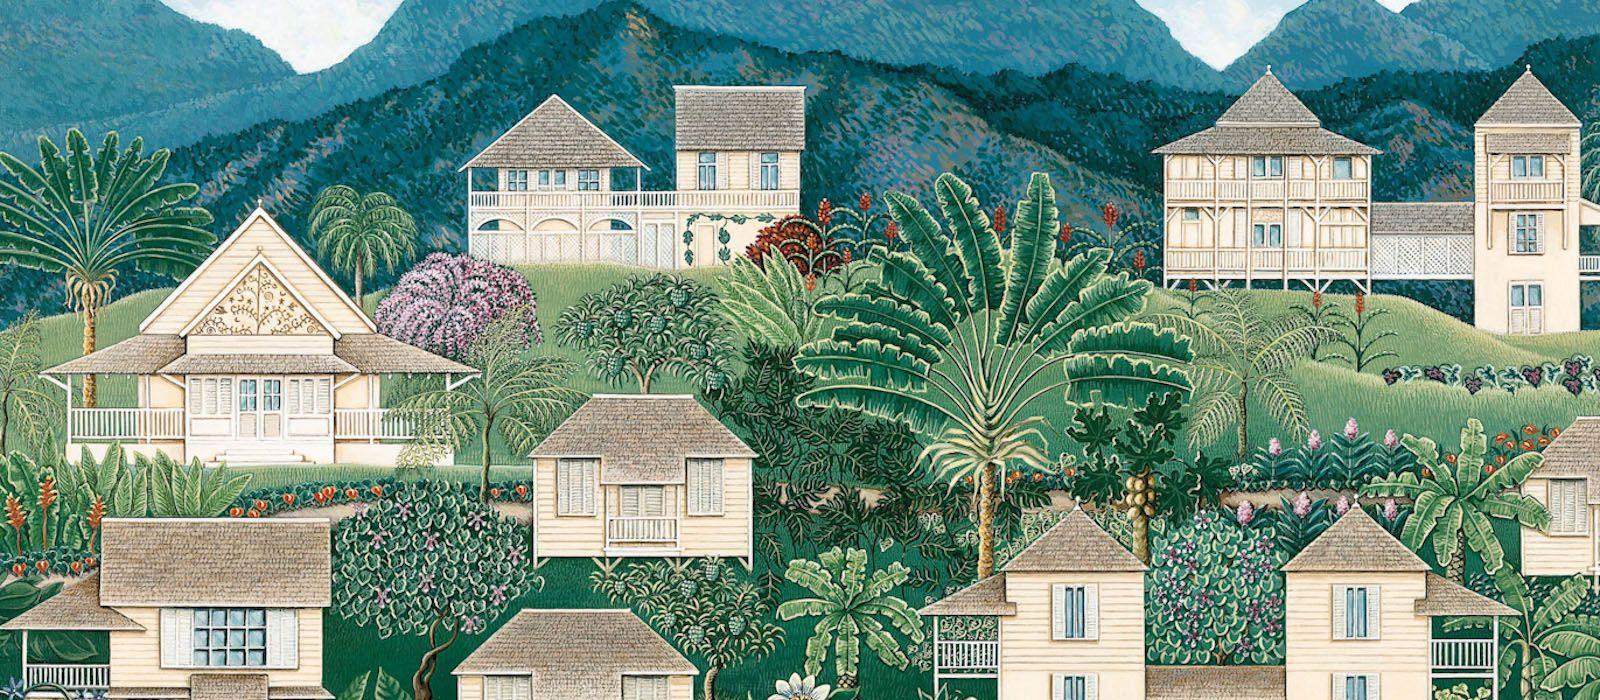 History Of Strawberry Hill Jamaica Luxury Resort Jamaica Luxury